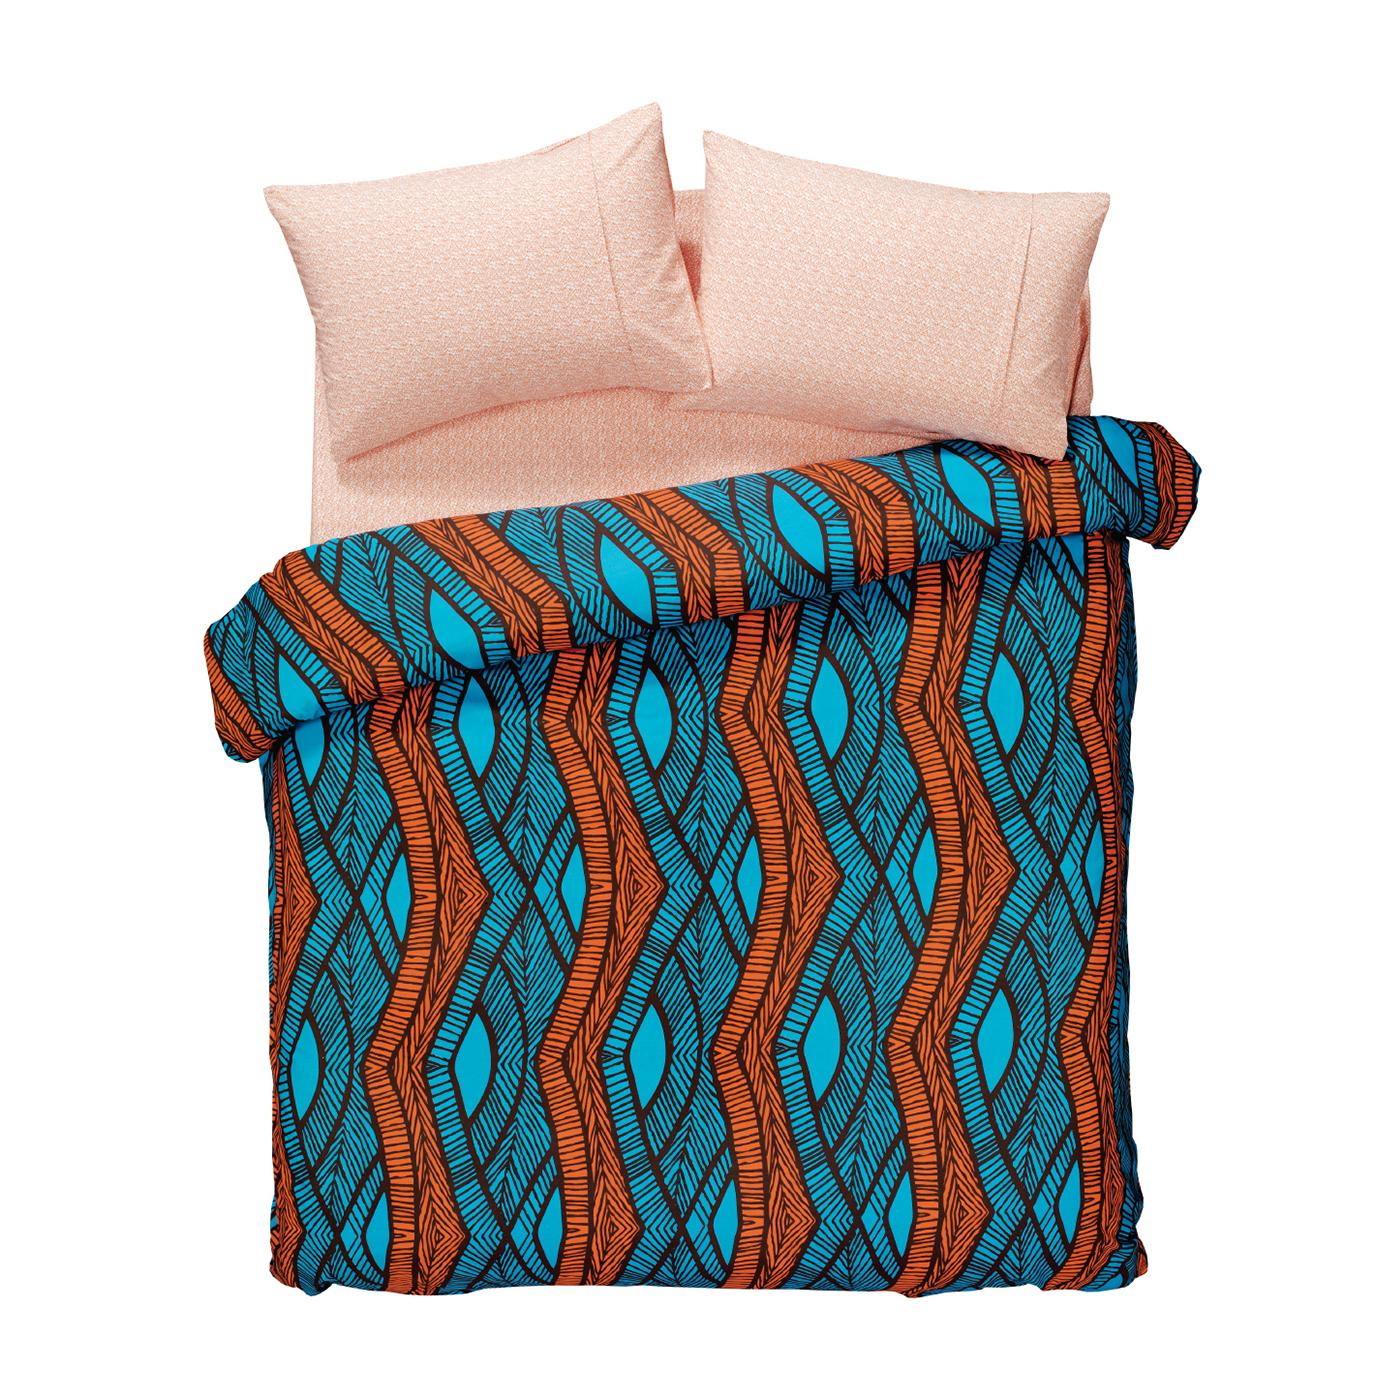 Купить Комплект постельного белья Ethnic Orange Euro, inmyroom, Турция